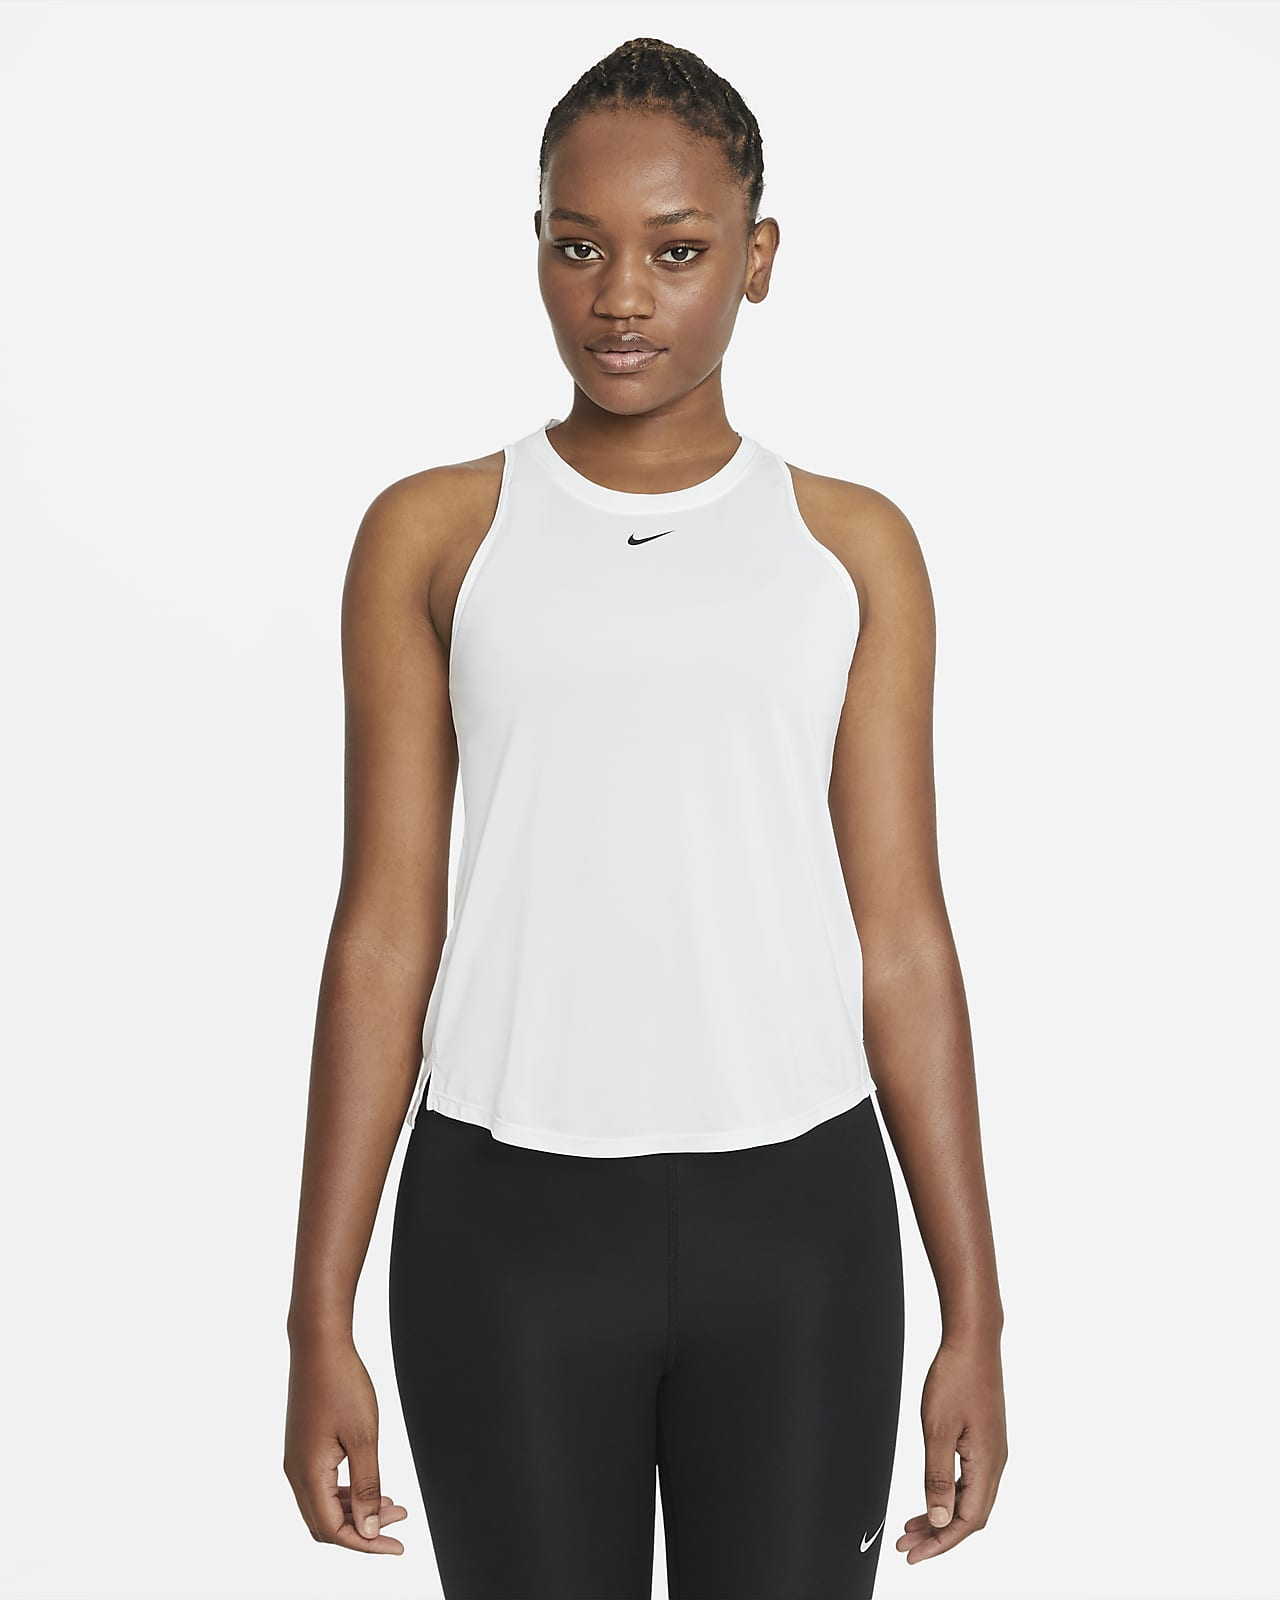 Nike Dri-FIT One Women's Standard Fit Tank